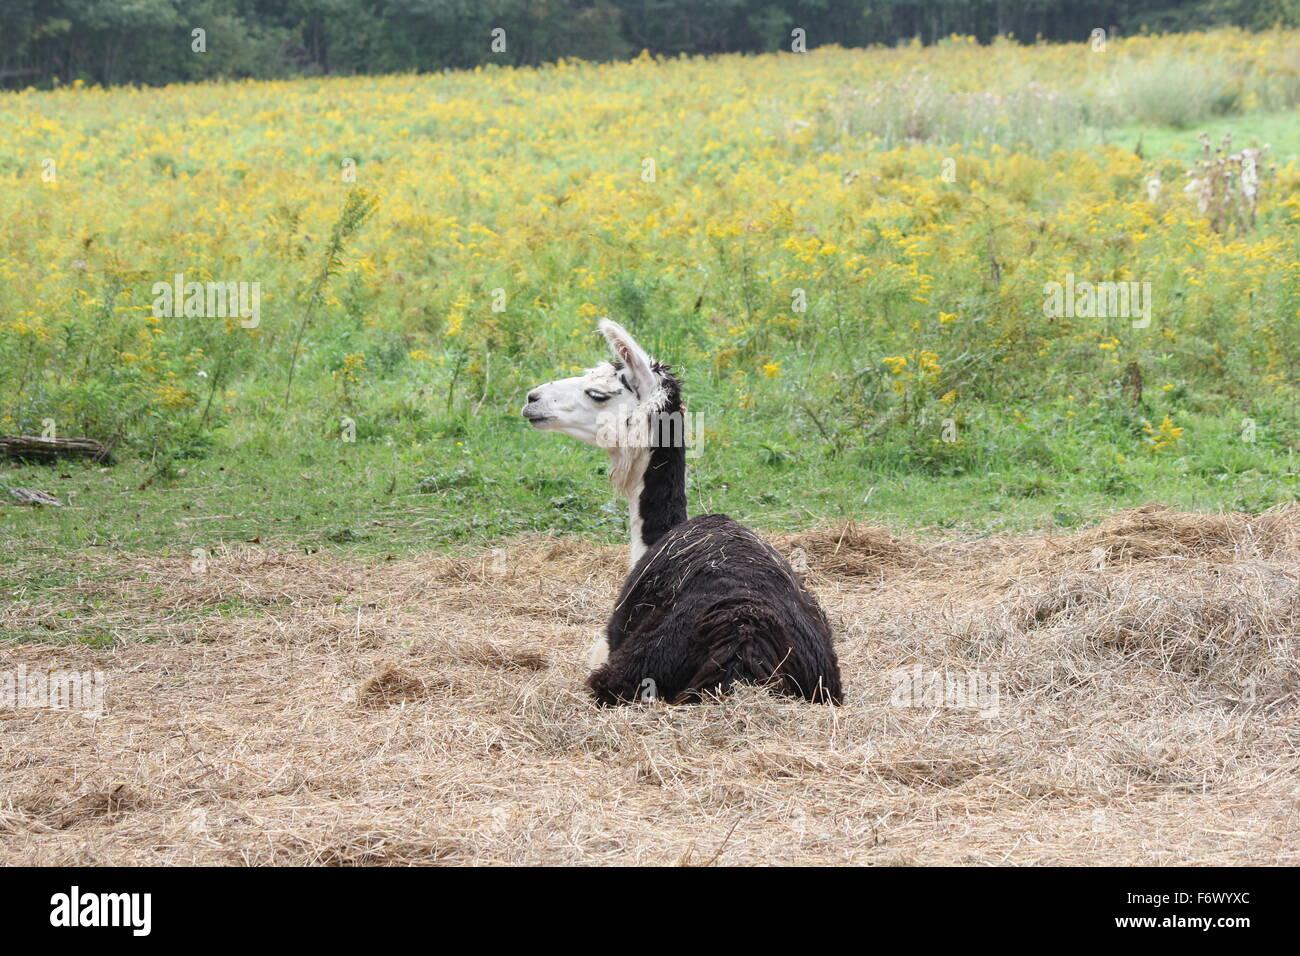 Llama sur une petite ferme d'agrément, portant sur un tas de paille. Le Lama est une de camélidés Photo Stock